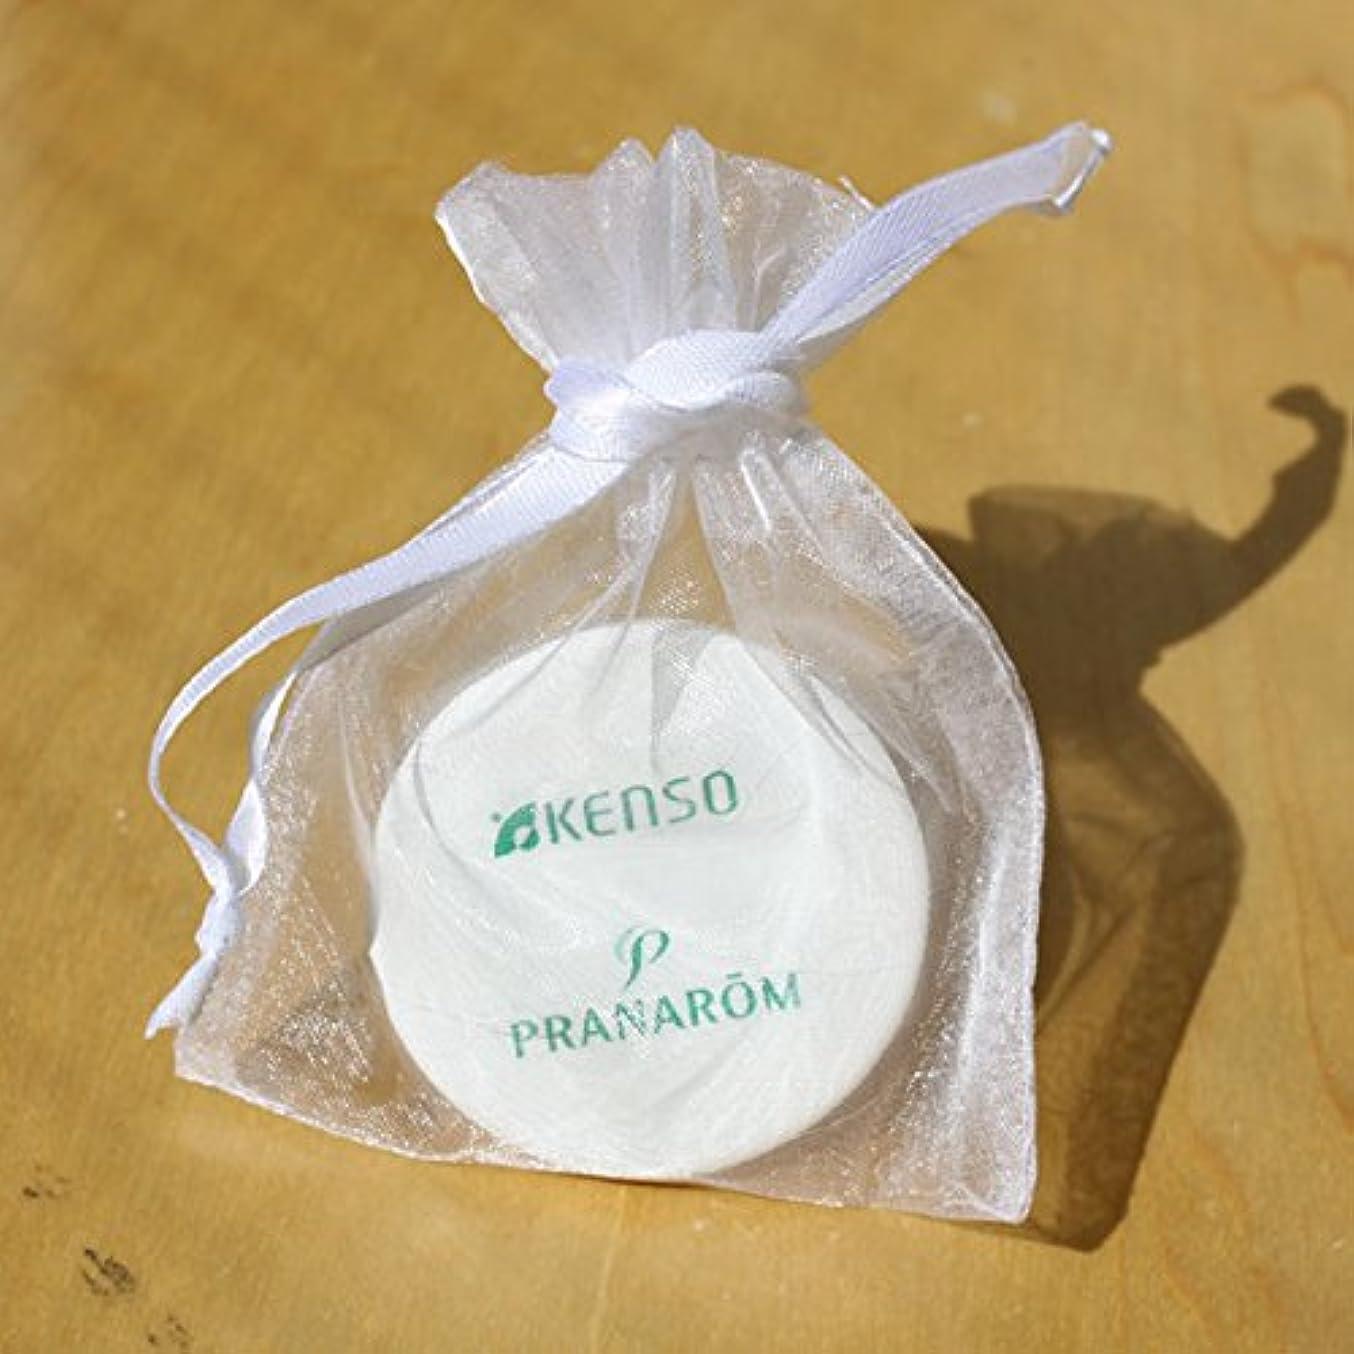 フック現れる成人期健草医学舎 ( KENSO ケンソー ) アロマストーン ( 携帯用小袋付ディフューザー ) 02281 アロマストーンディフューザー